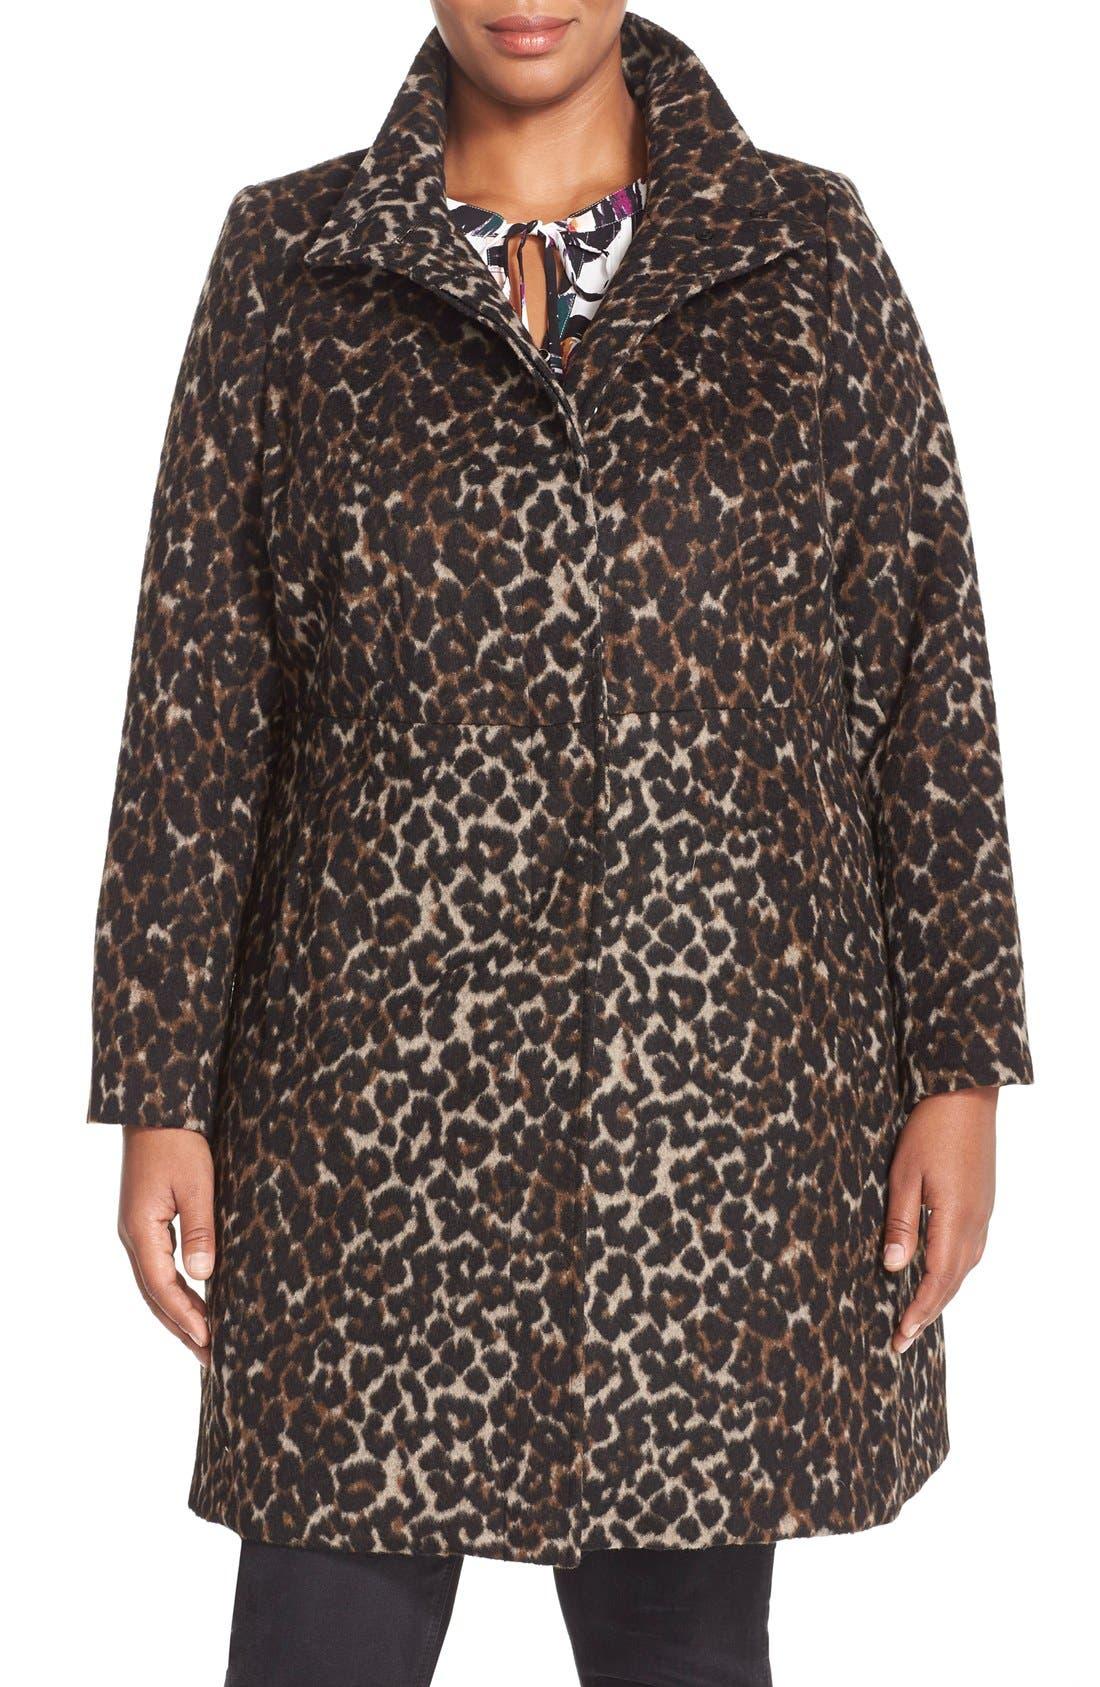 VIA SPIGA, Leopard Print Stand Collar Coat, Main thumbnail 1, color, 250